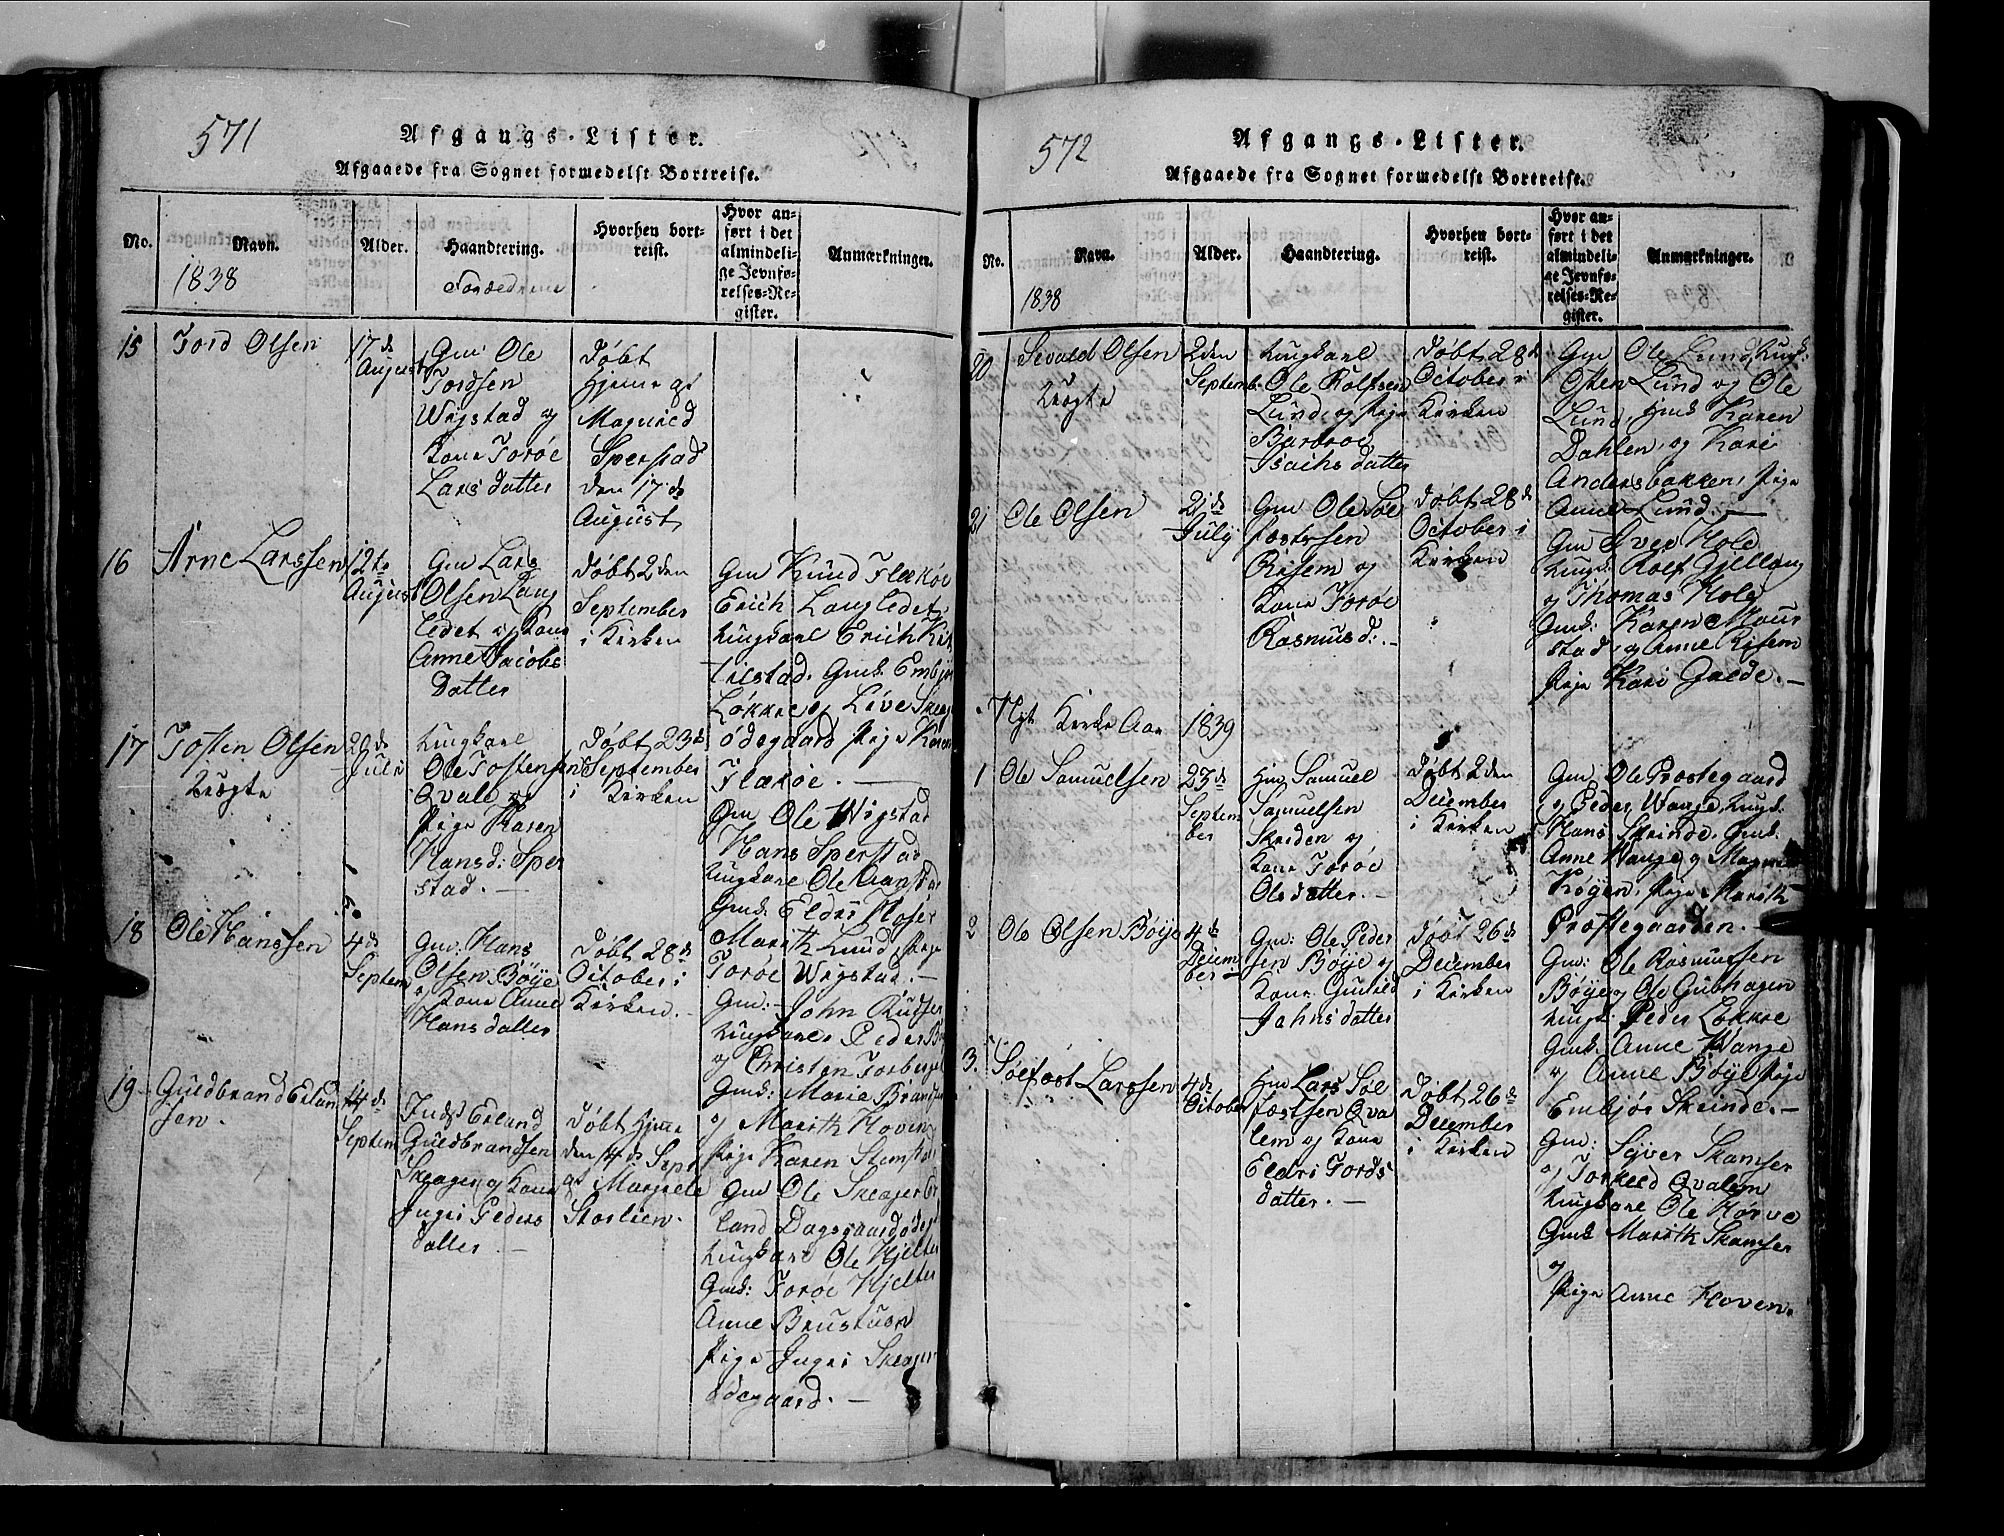 SAH, Lom prestekontor, L/L0003: Klokkerbok nr. 3, 1815-1844, s. 571-572